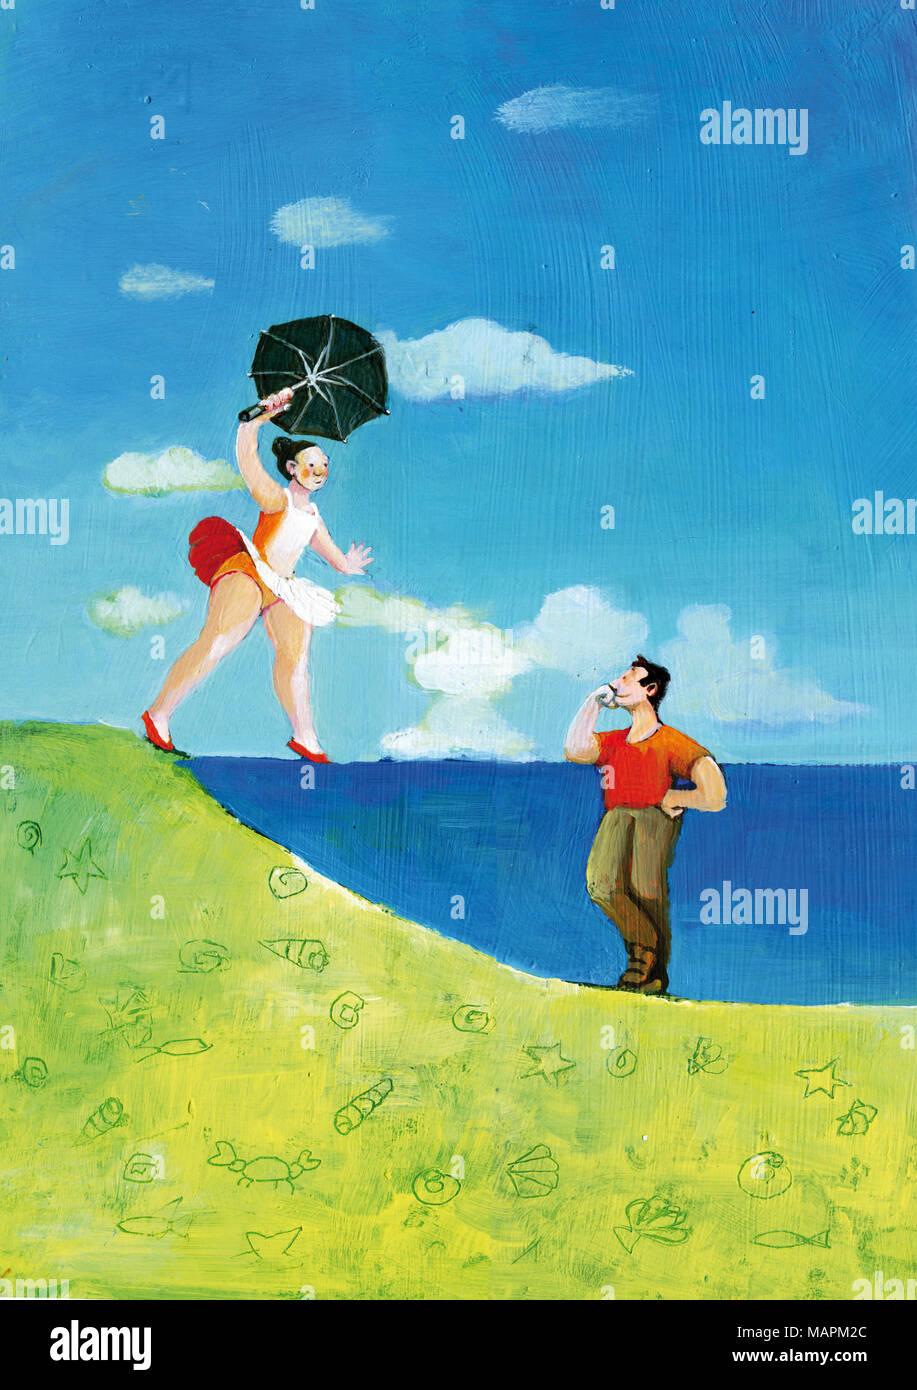 Tänzerin Balancieren auf den Horizont des Meeres, als ob es sich um einen Balanceakt Seil, Junge lehnte sich auf das Meer wie eine Wand gerade ihre in der Liebe Stockbild